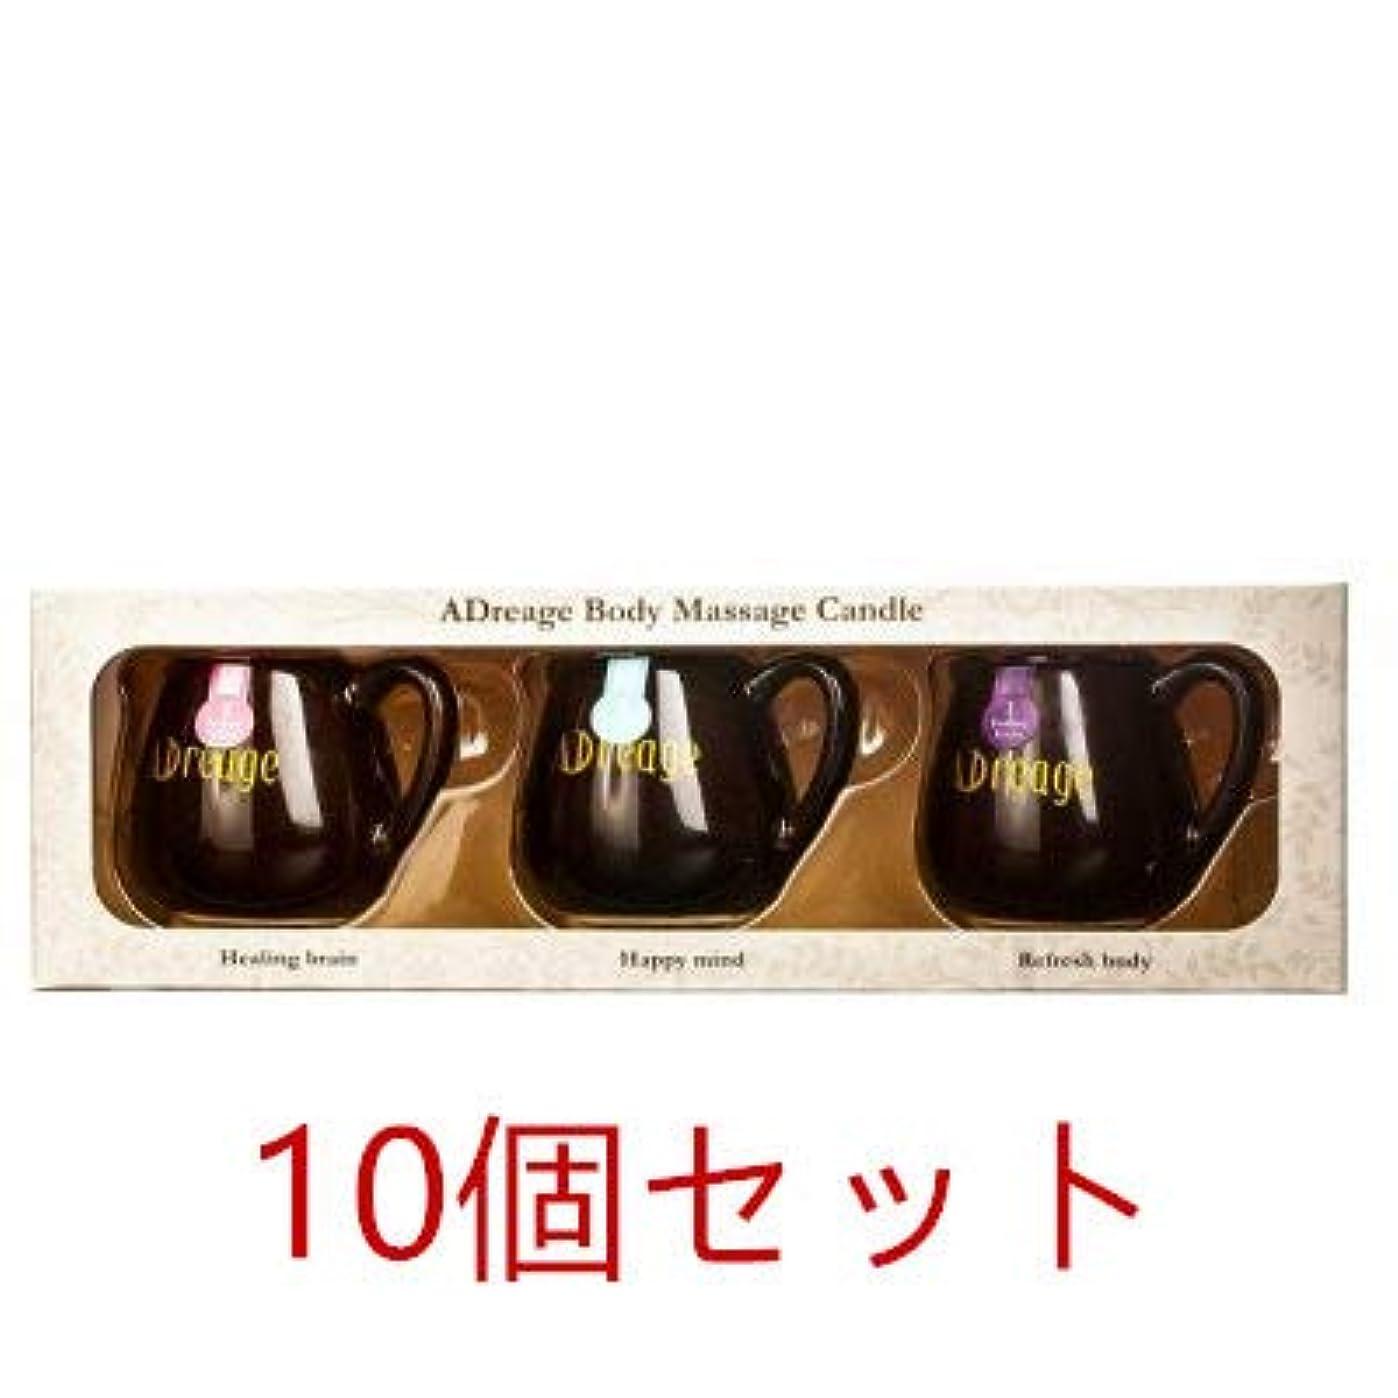 影響する観光鬼ごっこSAKURA LOVE Aroma Candle【アドレアージュ キャンドルミニセット】10個セット